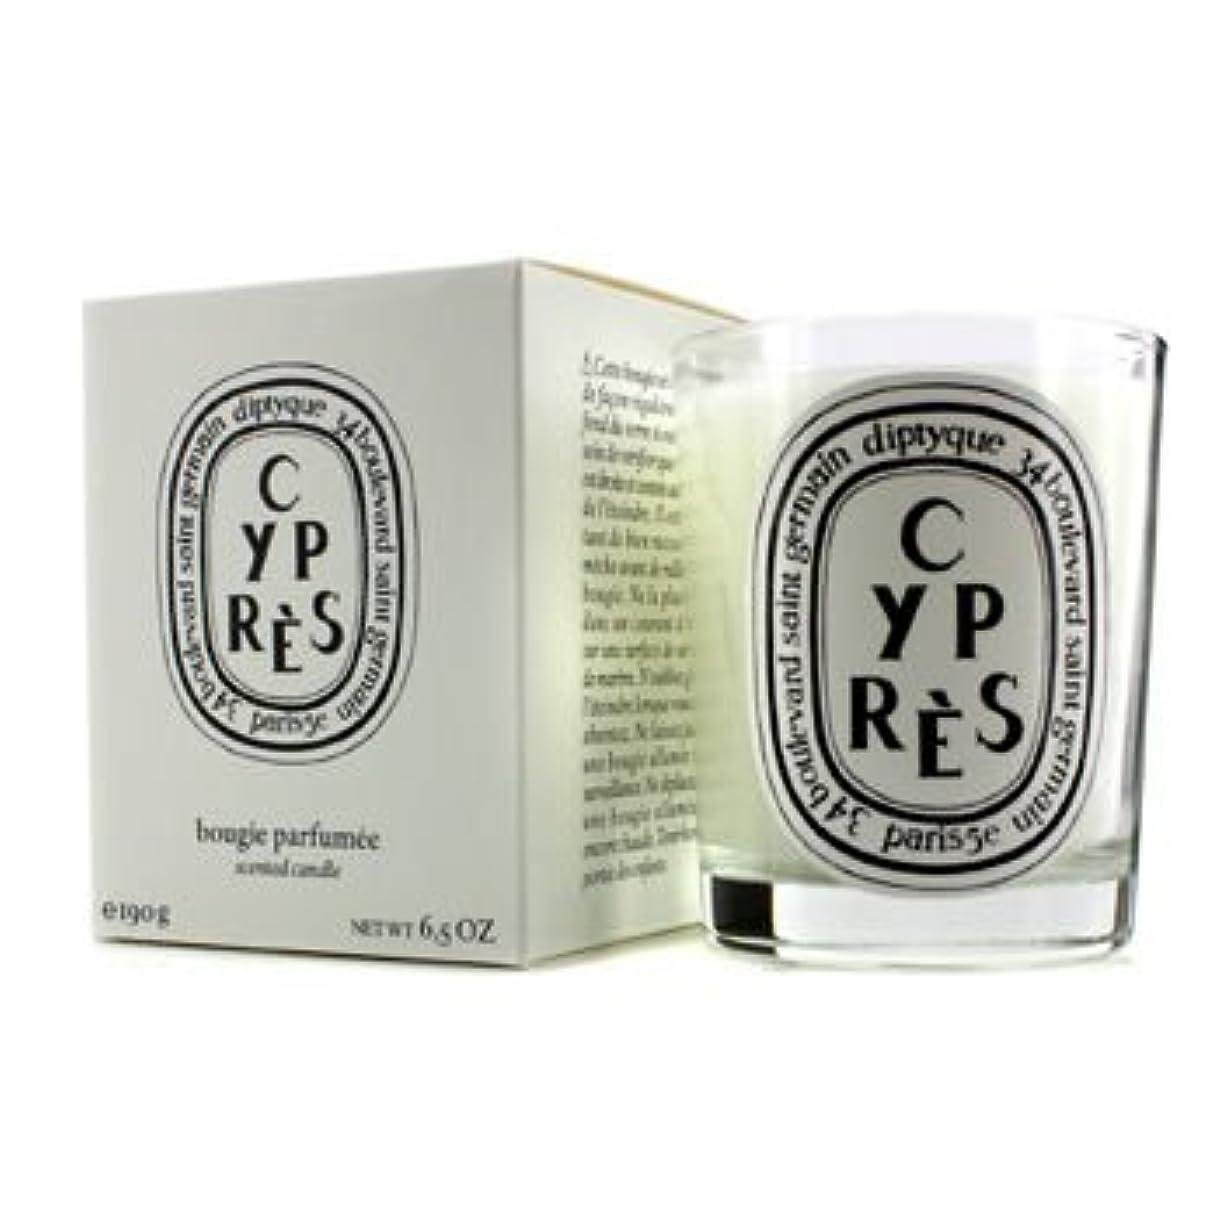 住所征服溶ける[Diptyque] Scented Candle - Cypres (Cypress) 190g/6.5oz